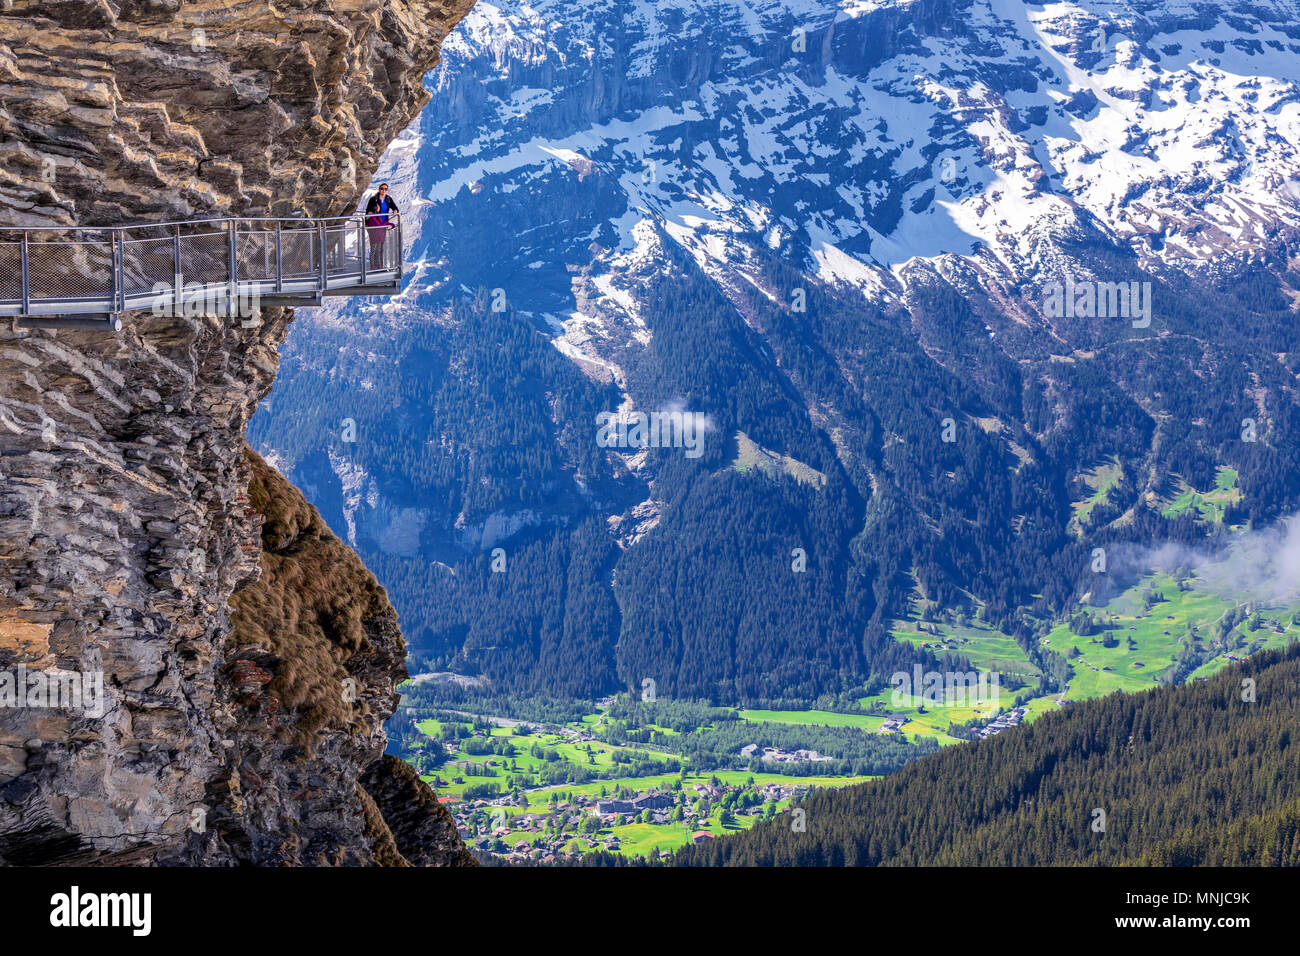 Berg-Plattform First Cliff Walk von Tissot, Grindelwald, Berner Oberland, Schweiz Stockbild